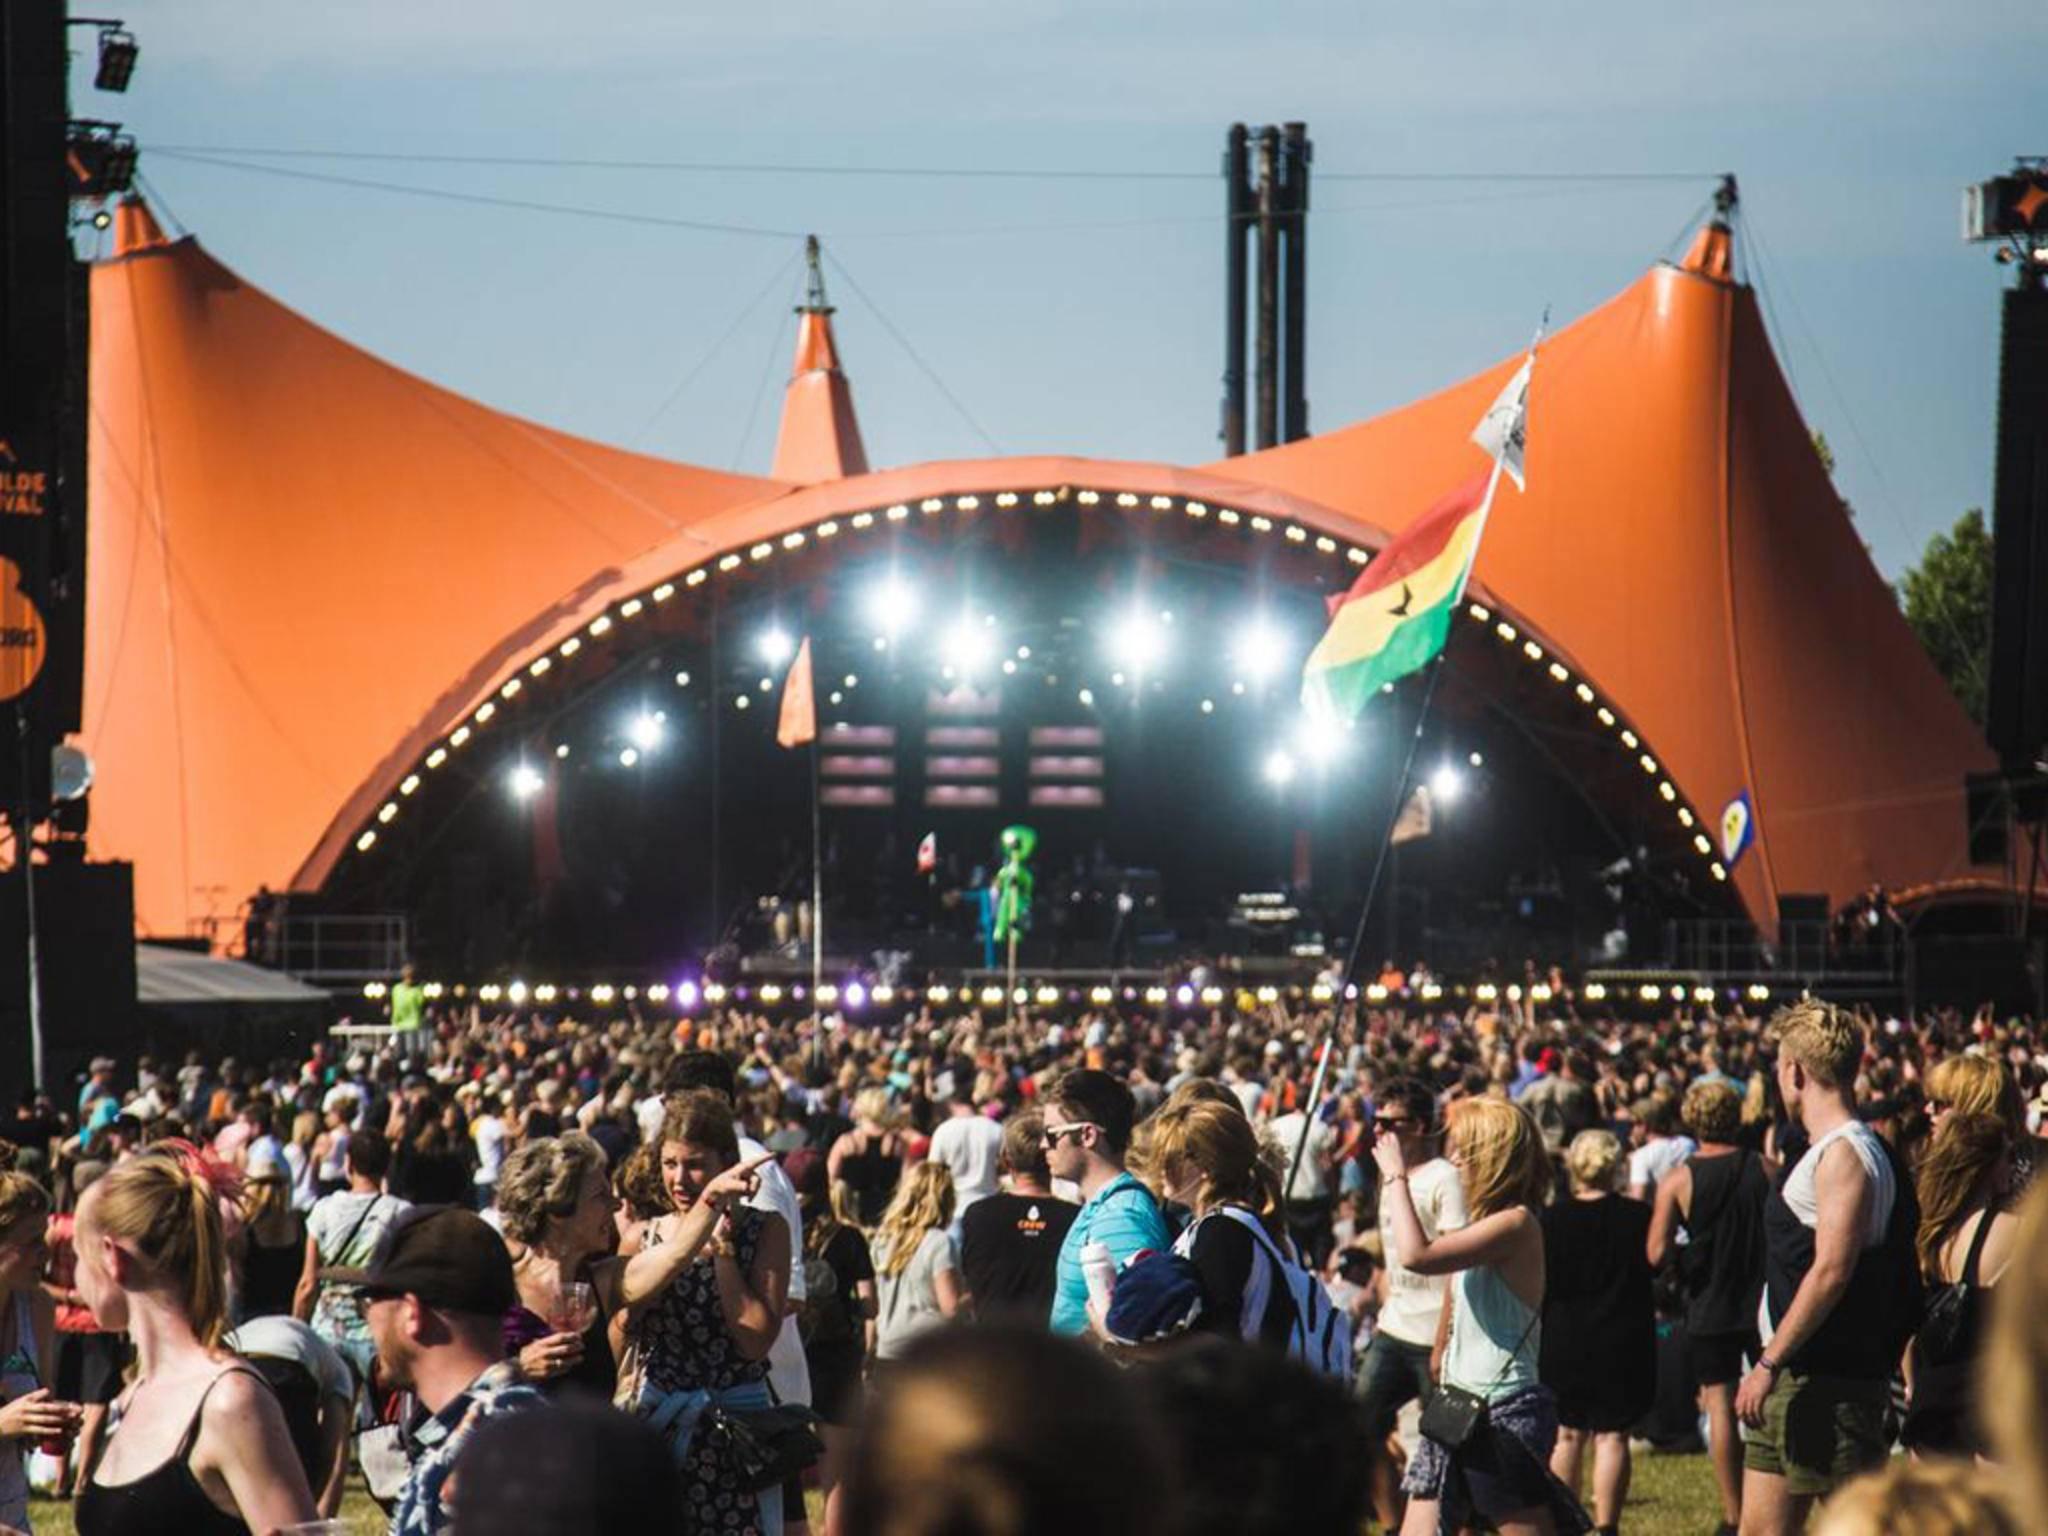 Roskilde Festival Simon Frøsig Christensen 2014